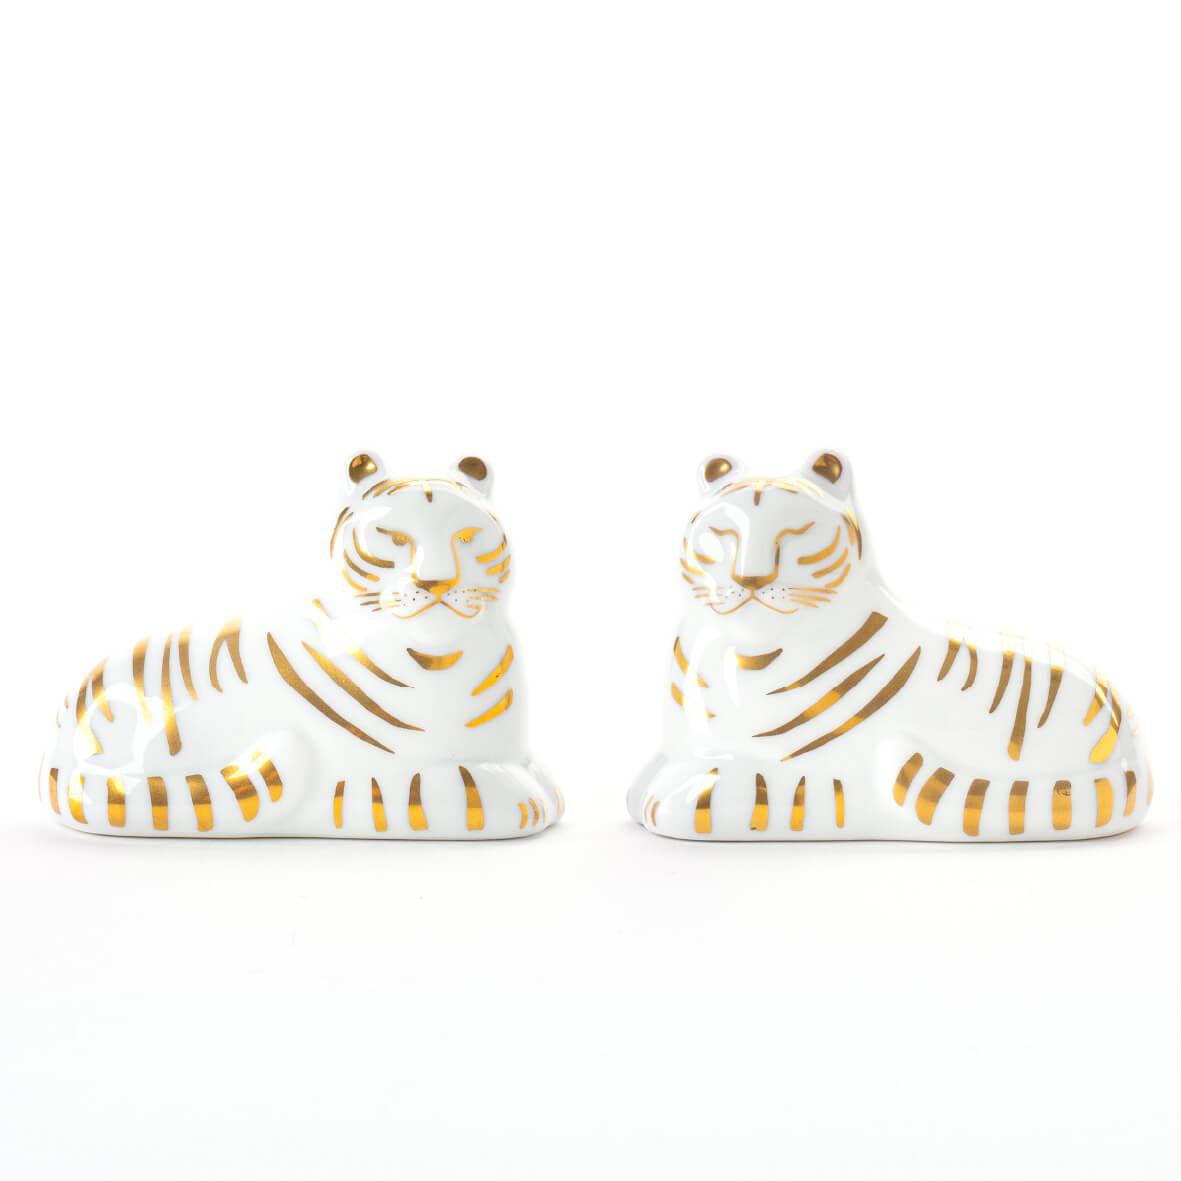 金色の虎の置物「にっぽんのとらセット(きらり)」 by リサ・ラーソン